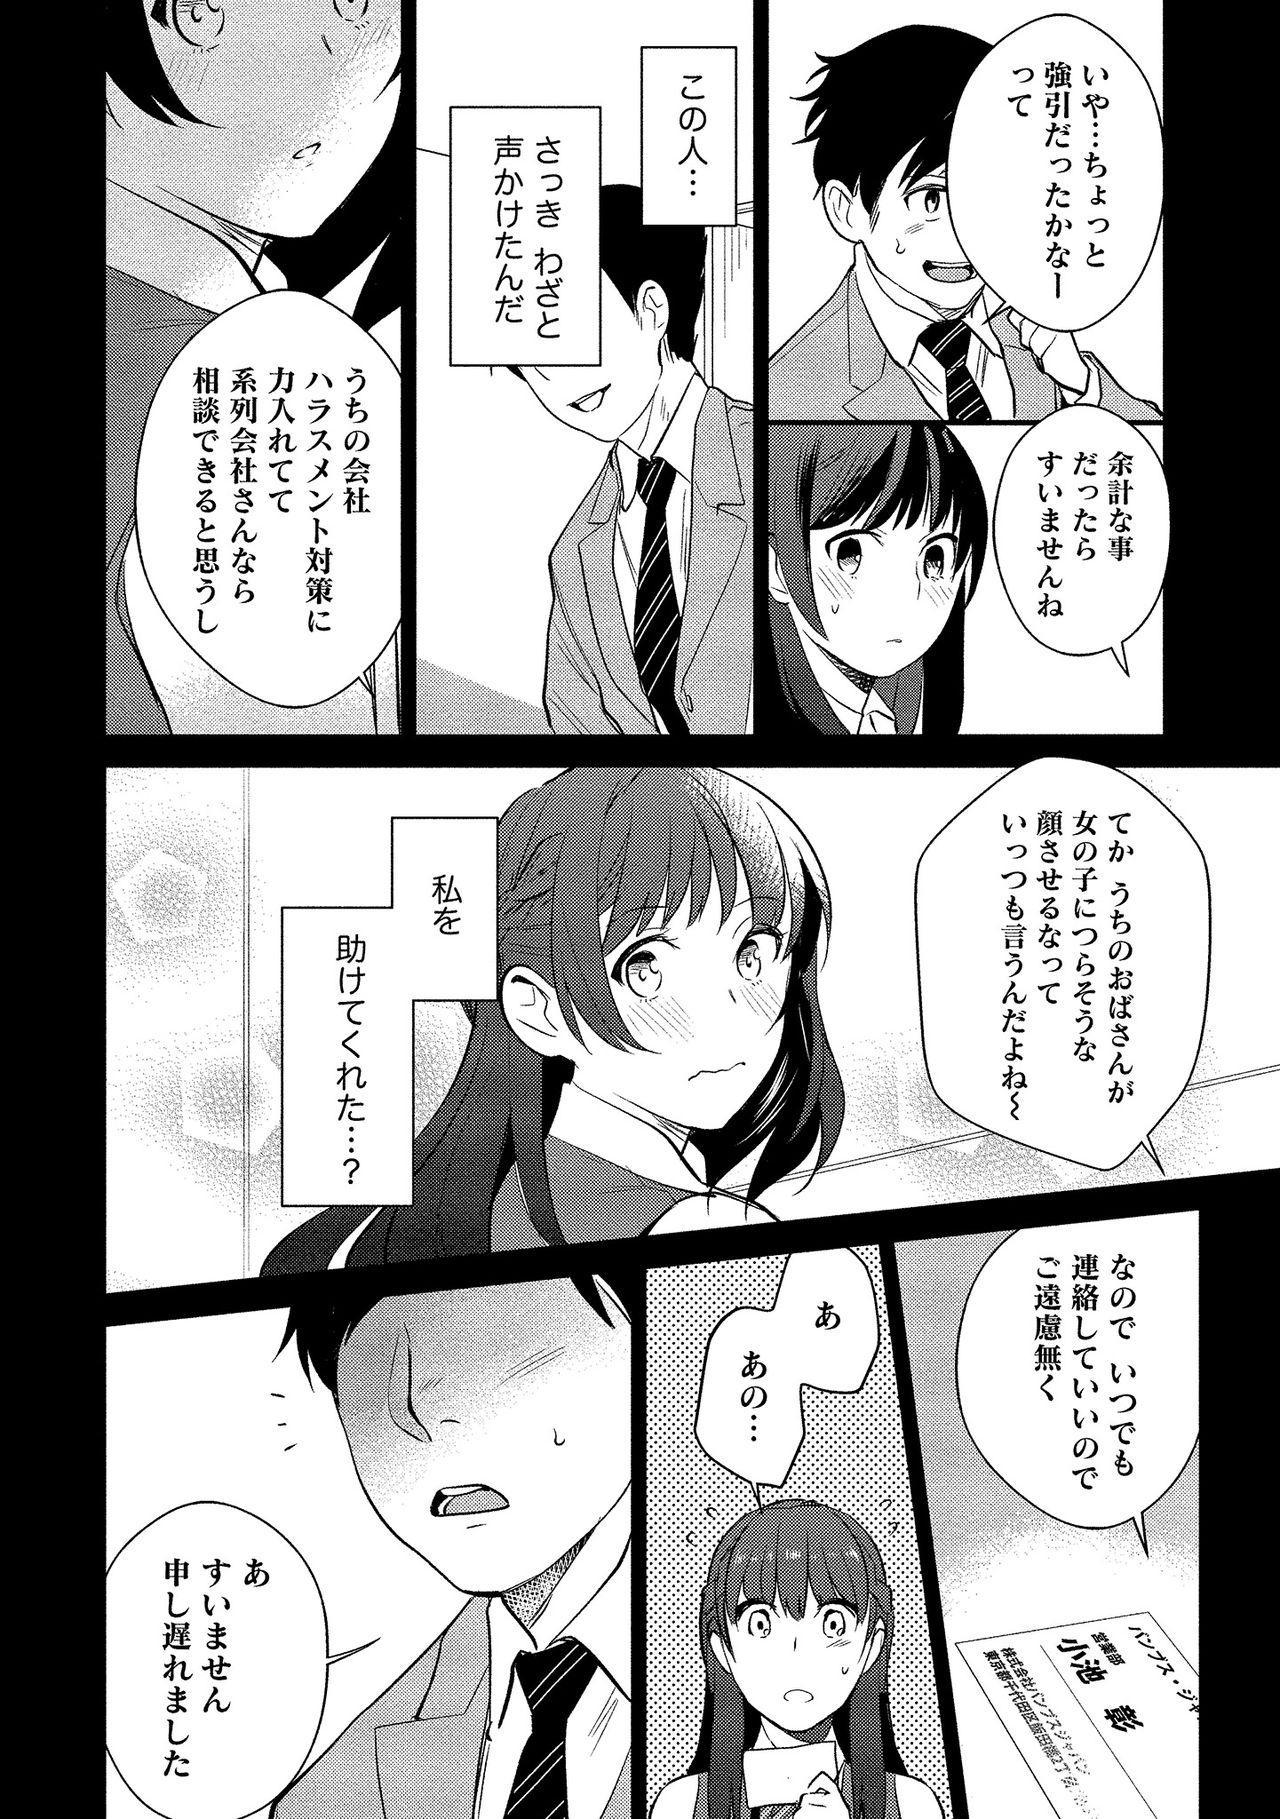 Dorobou Neko wa Kanojo no Hajimari 180